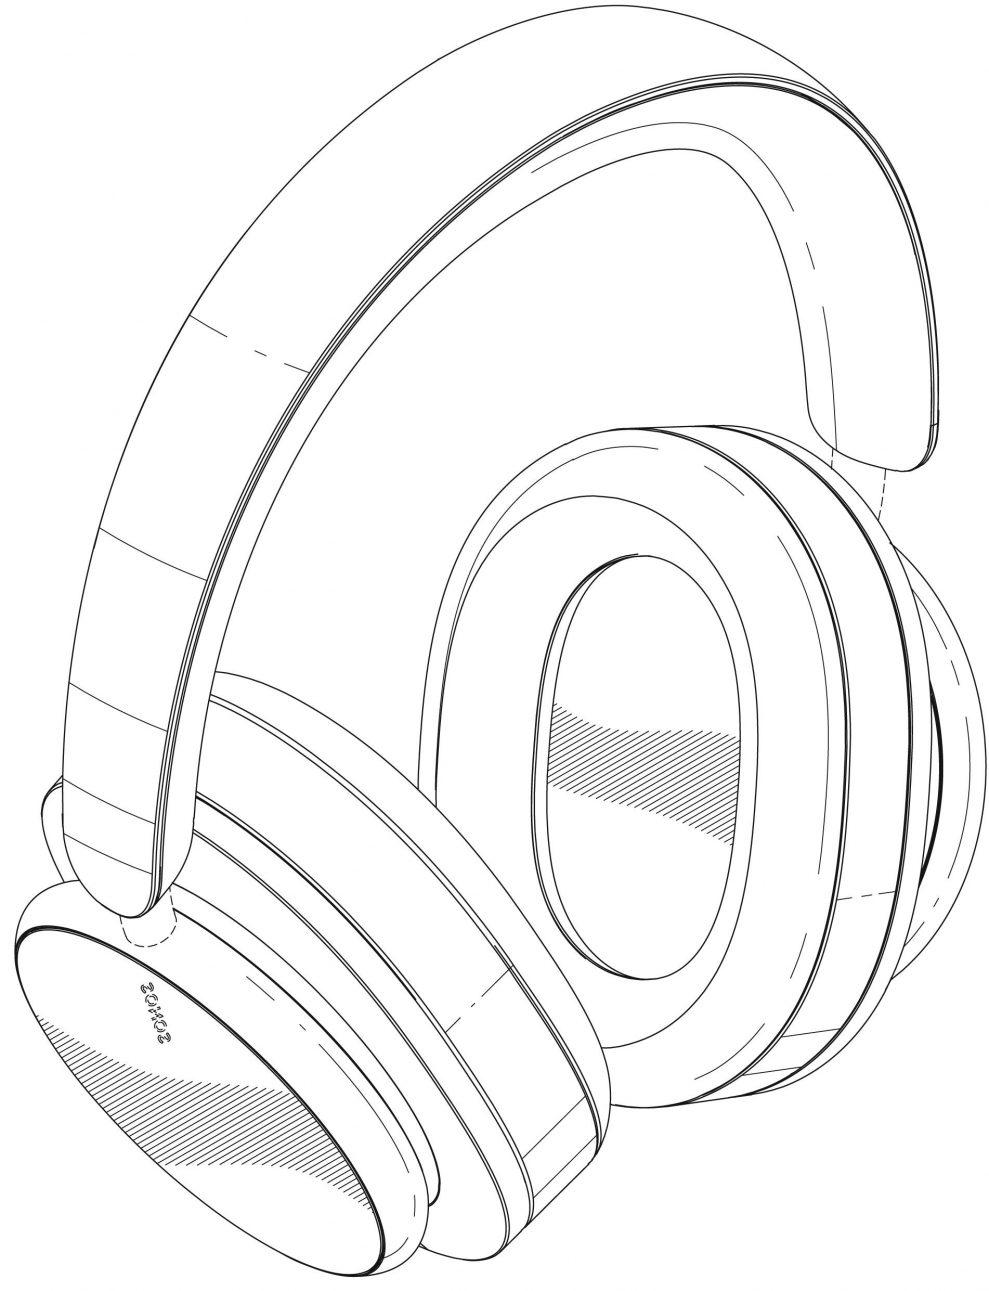 Sonos-headphones-1-989x1291_2